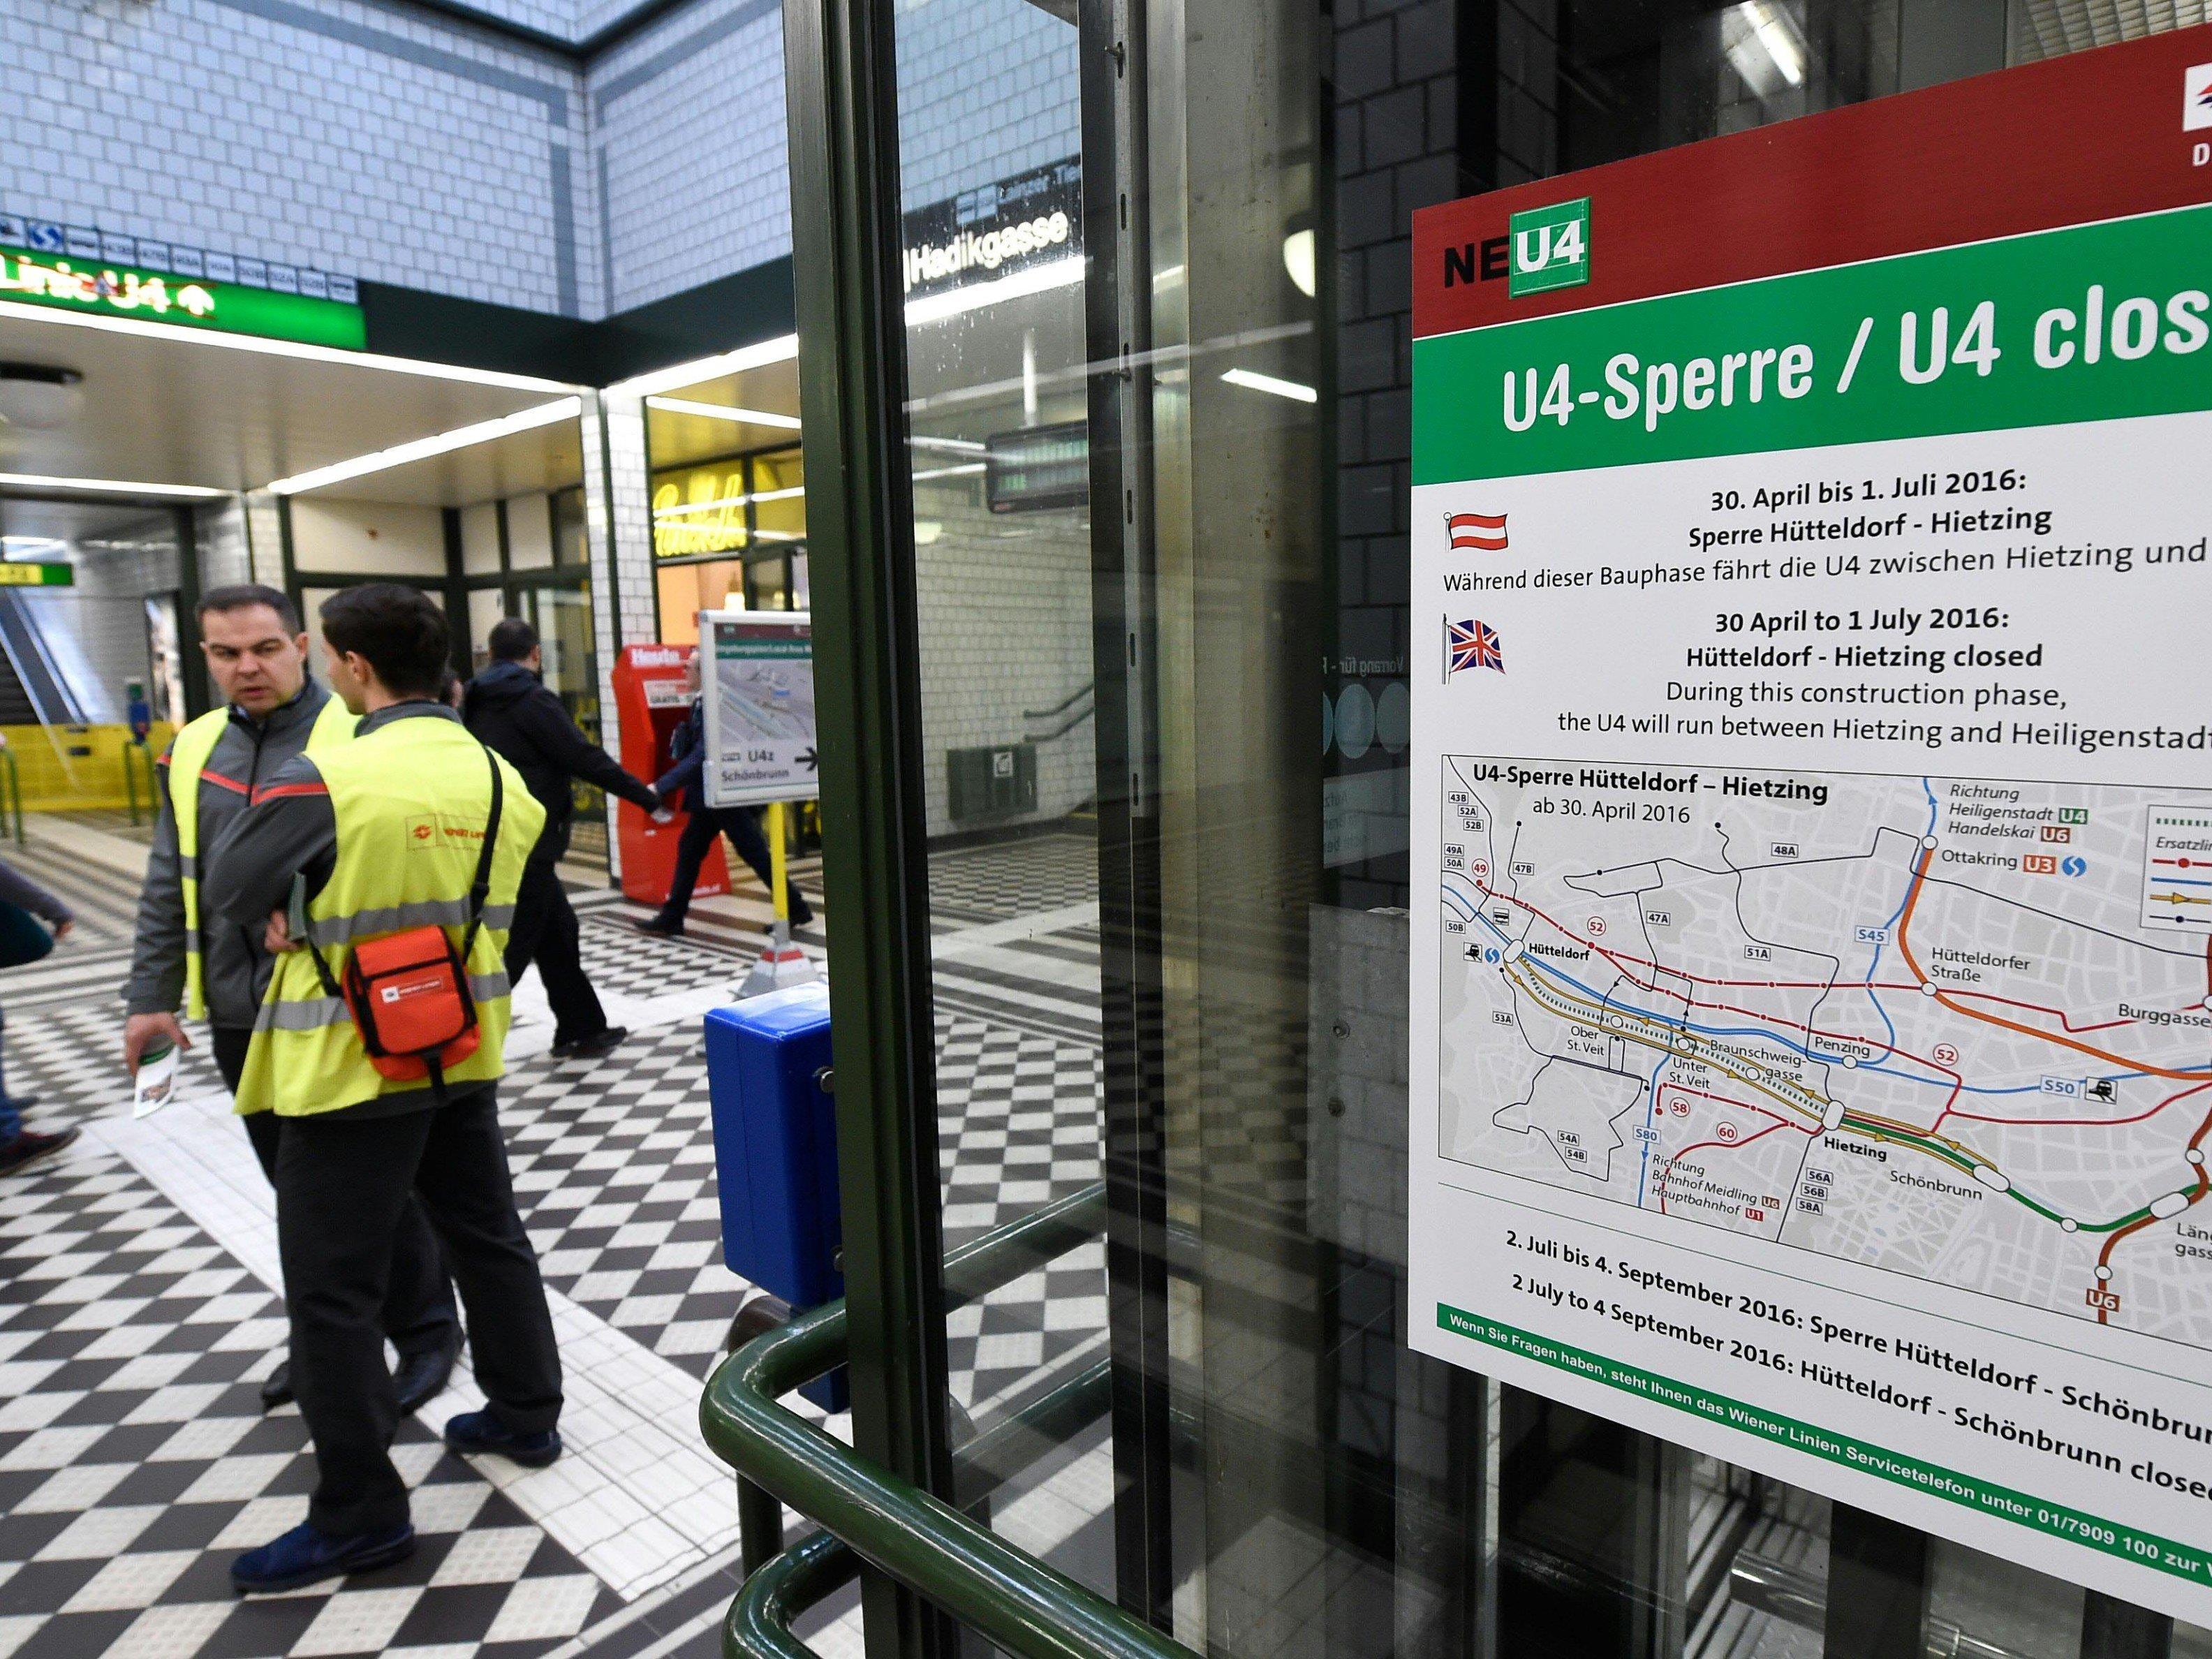 Die U4-Sanierung wird noch länger nicht abgeschlossen sein.